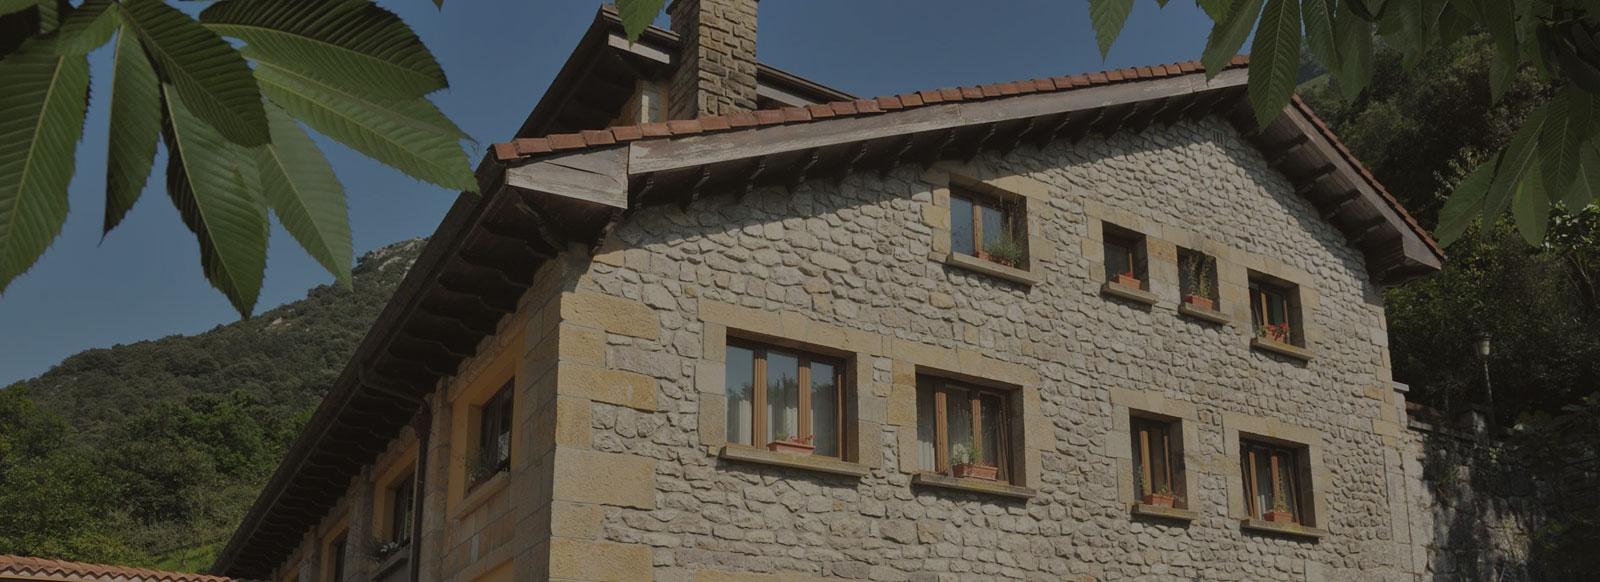 Hotel juan sabeli en picos de europa asturias arenas de cabrales - Hotel la casa de juansabeli ...